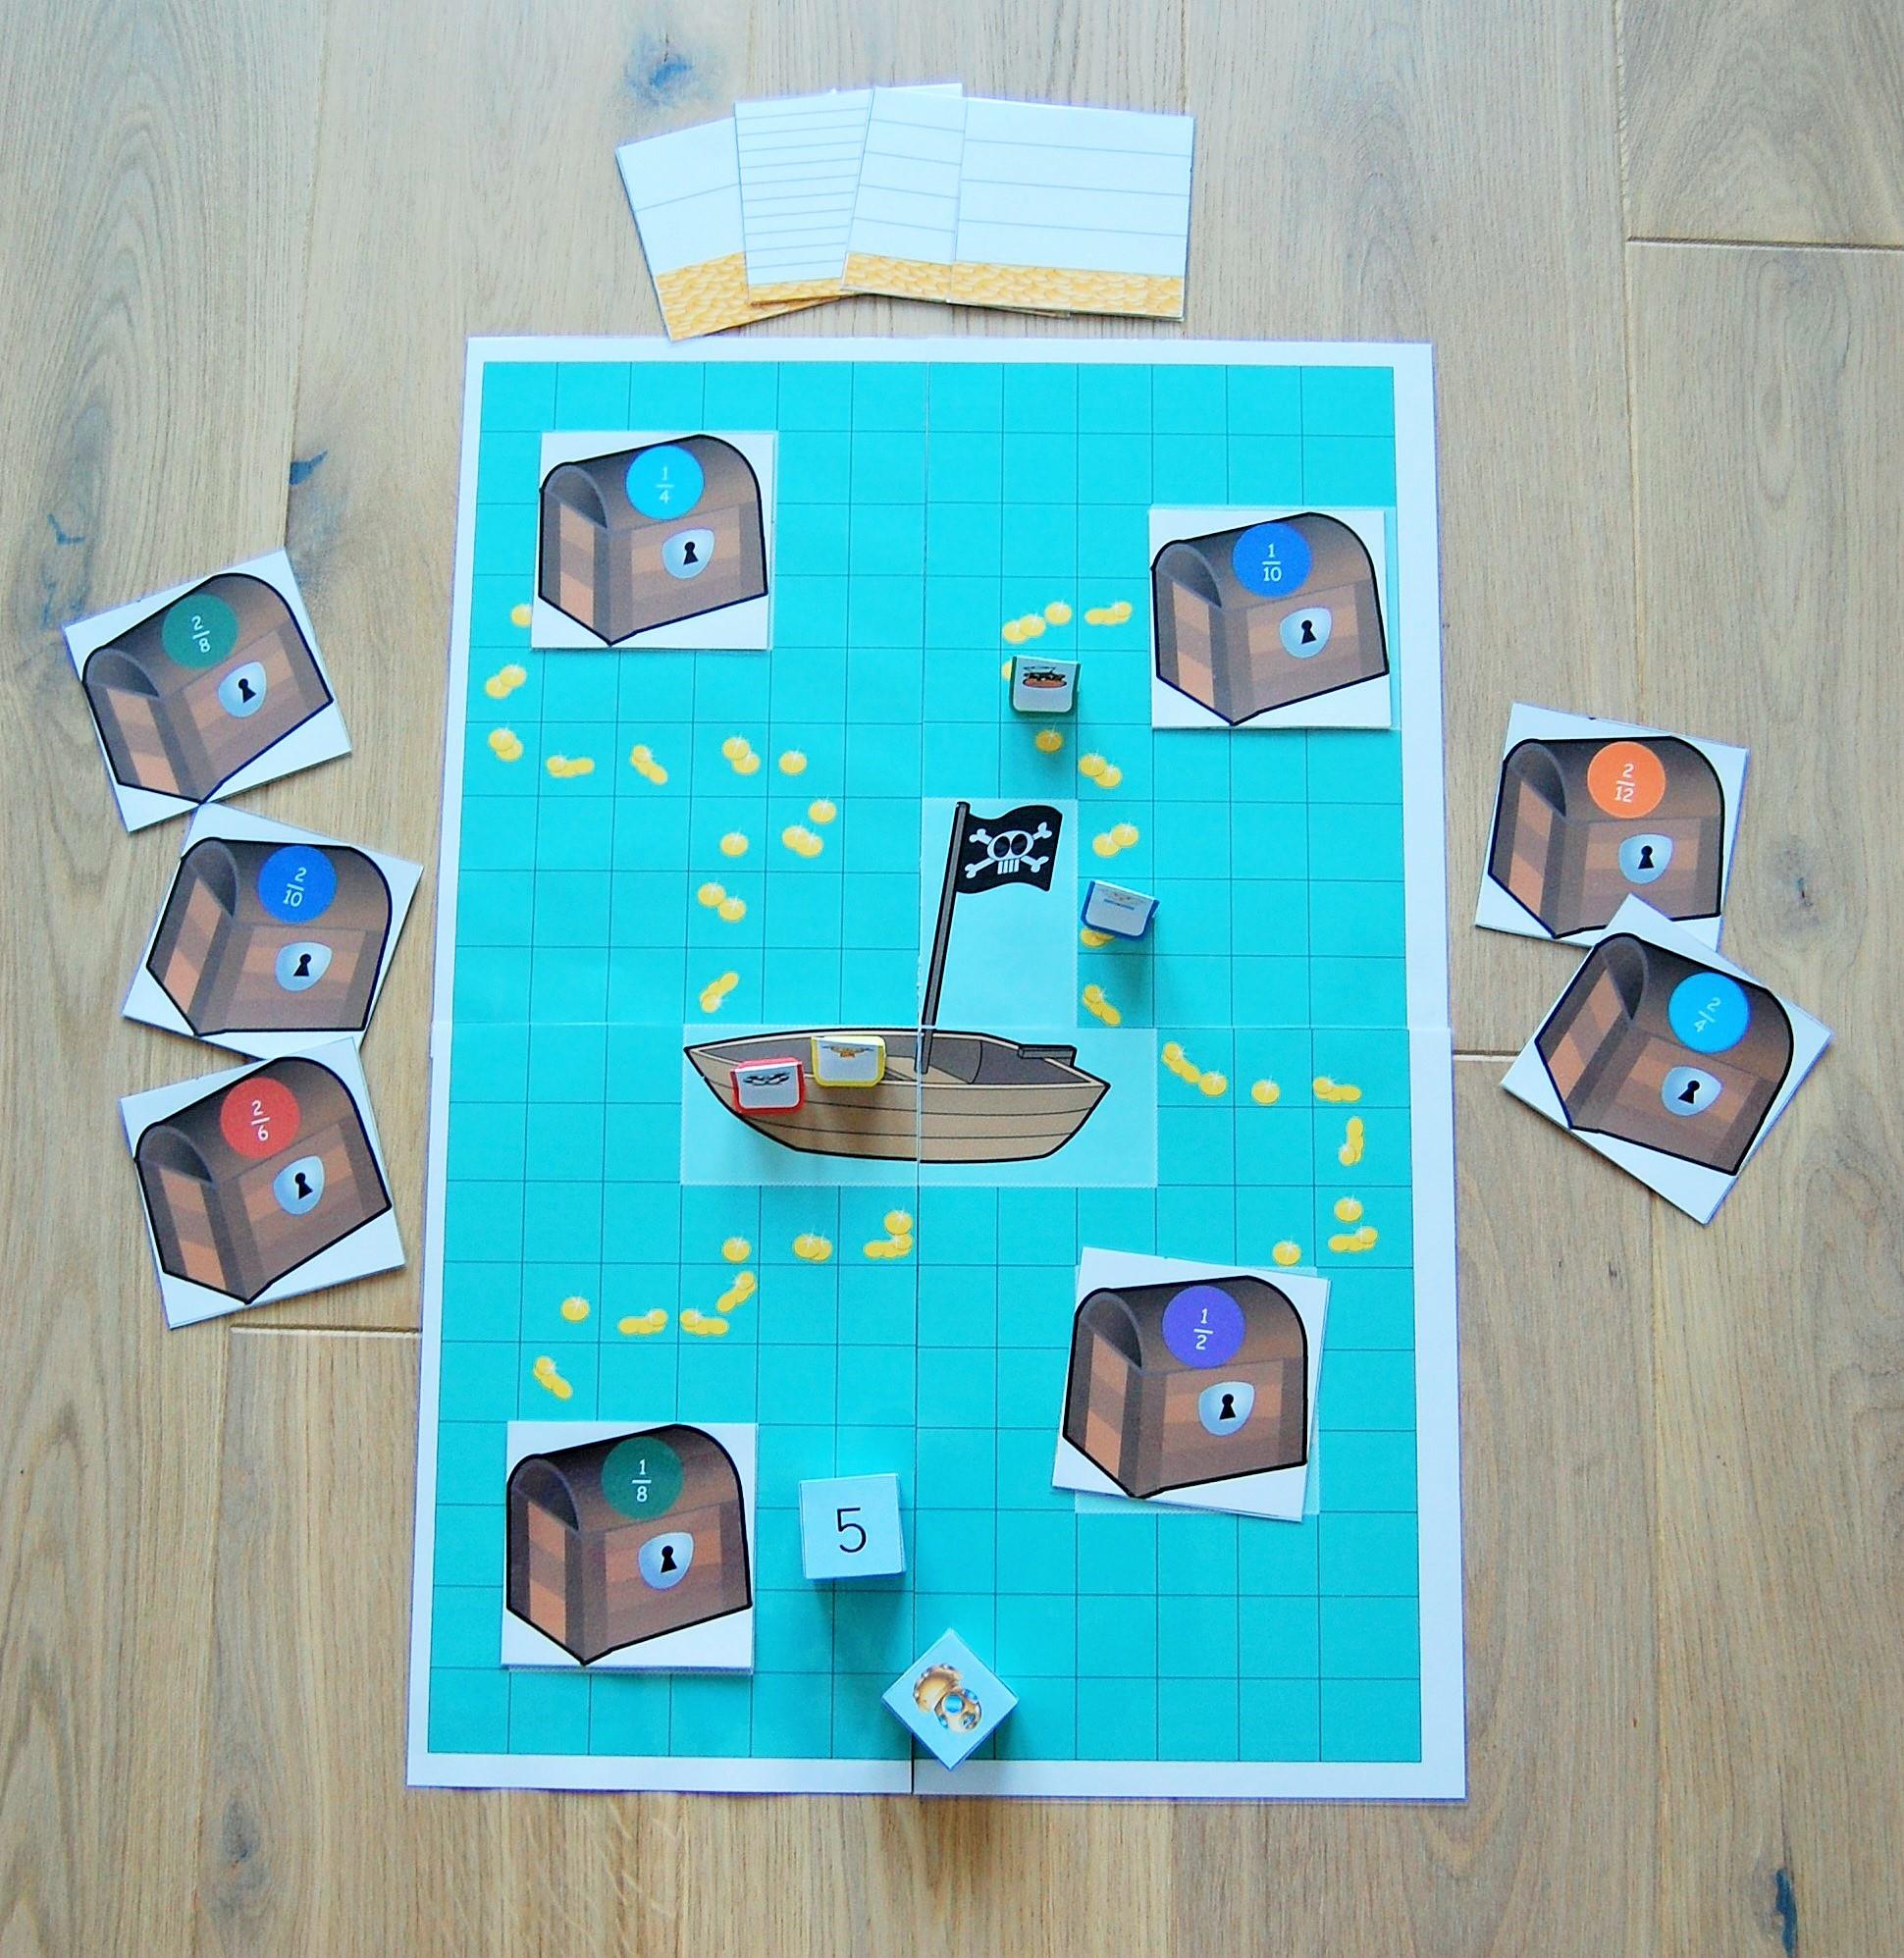 jeu pour compter_l'or des pirates